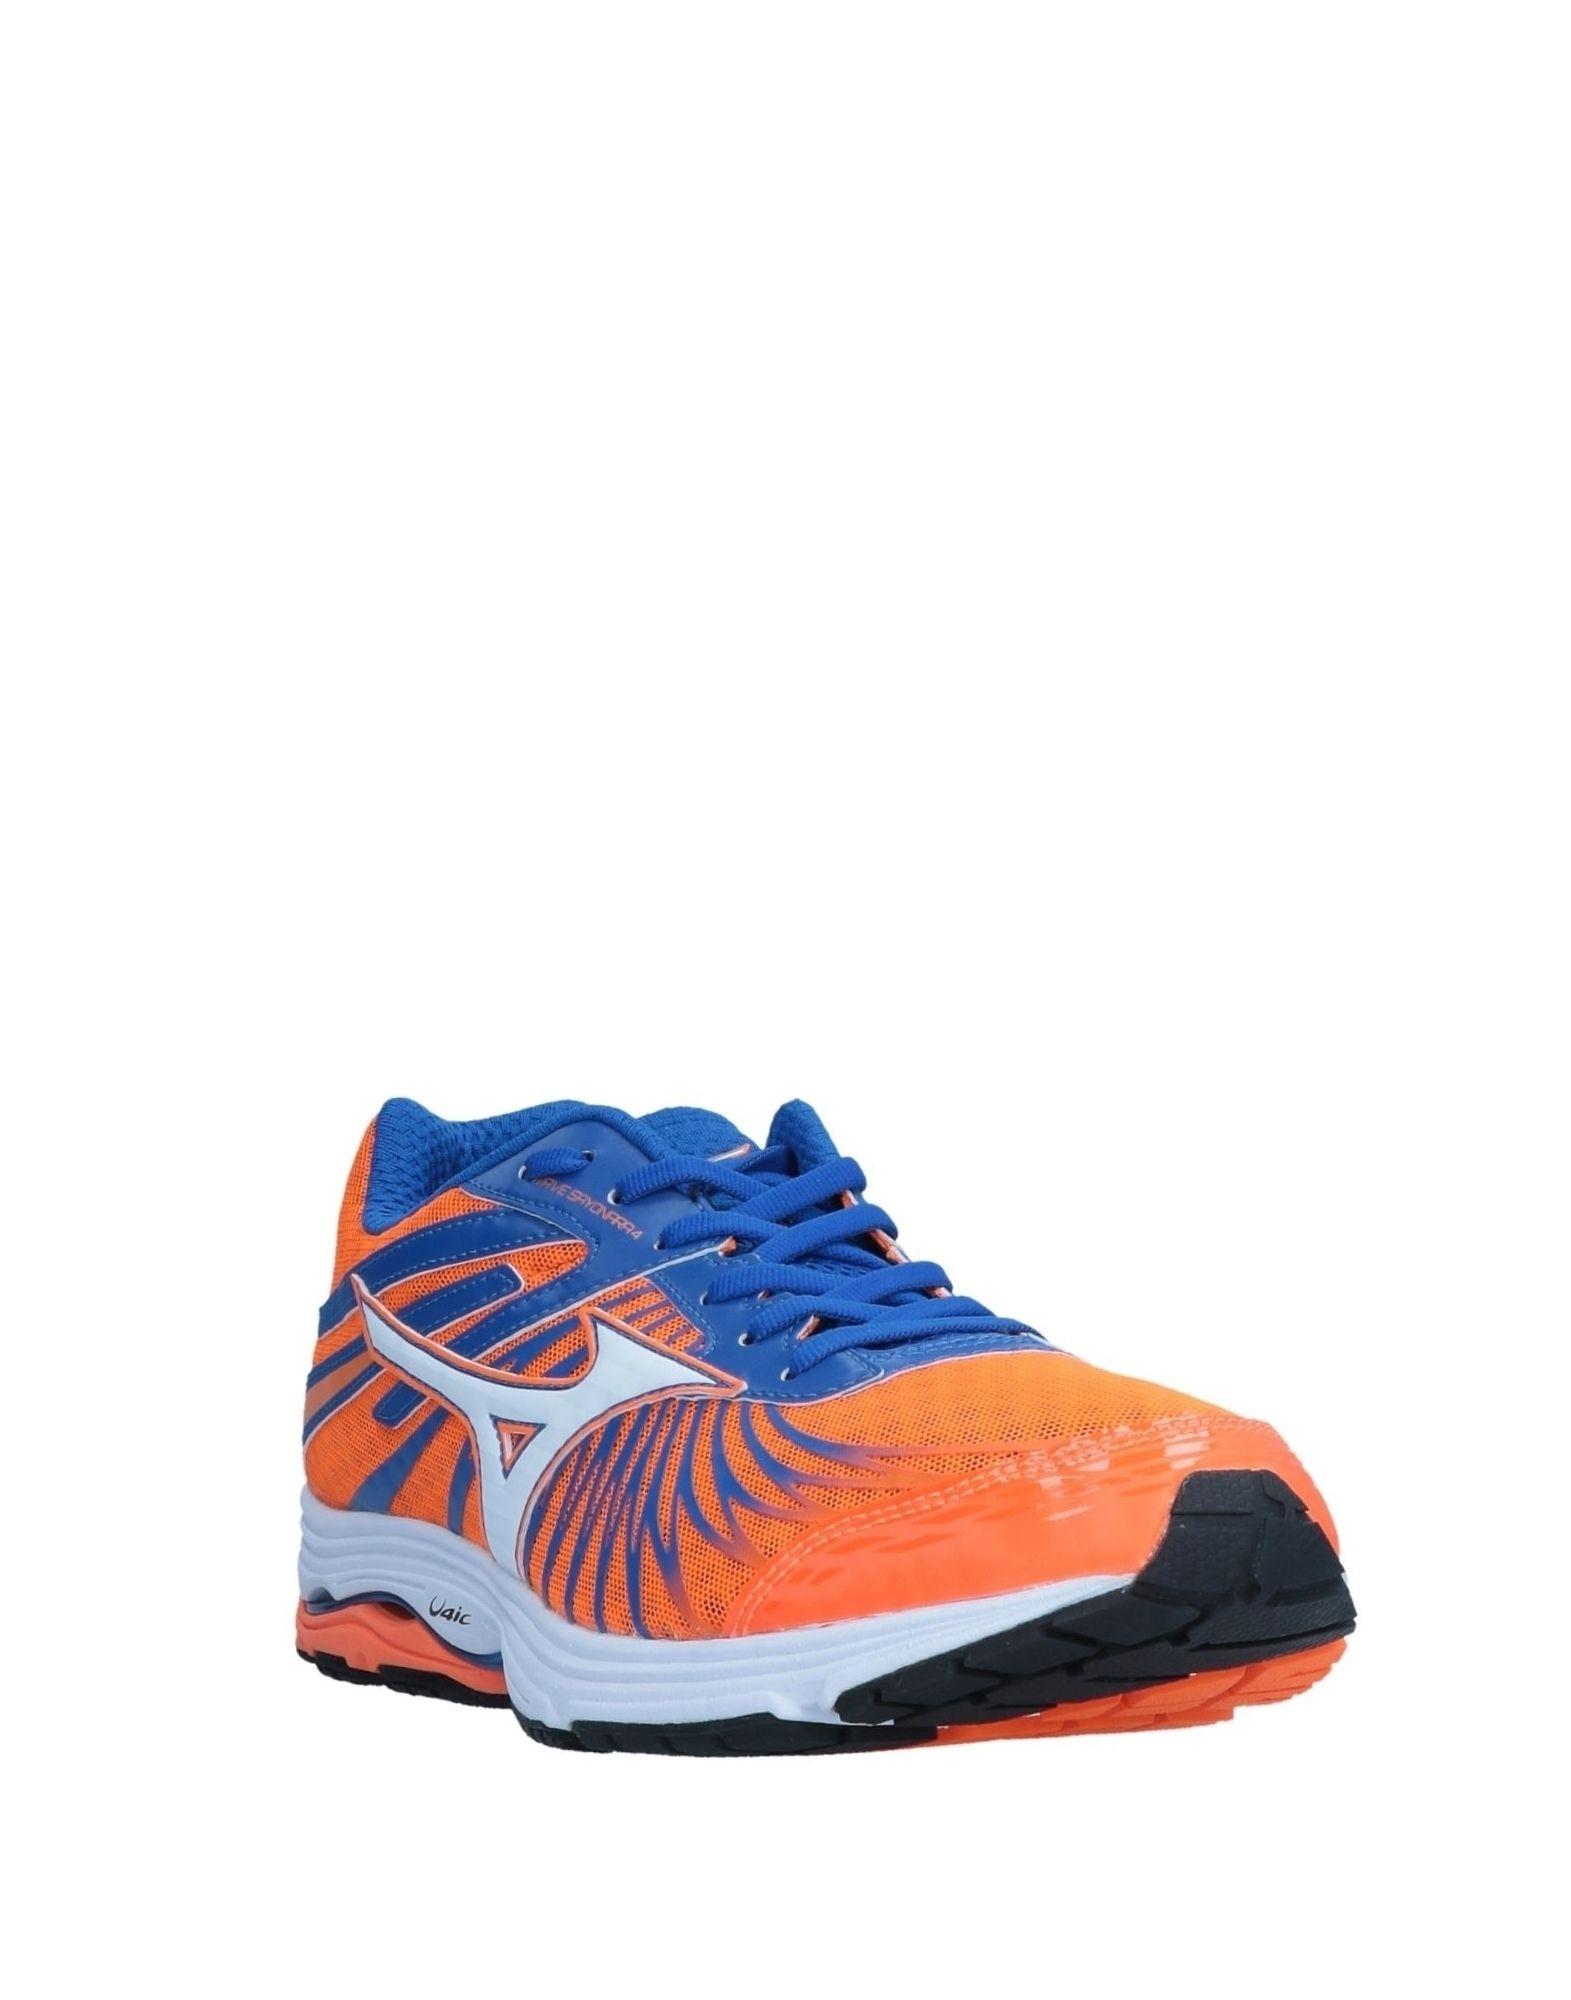 Rabatt echte Mizuno Schuhe Mizuno echte Sneakers Herren  11546727UF c0135e